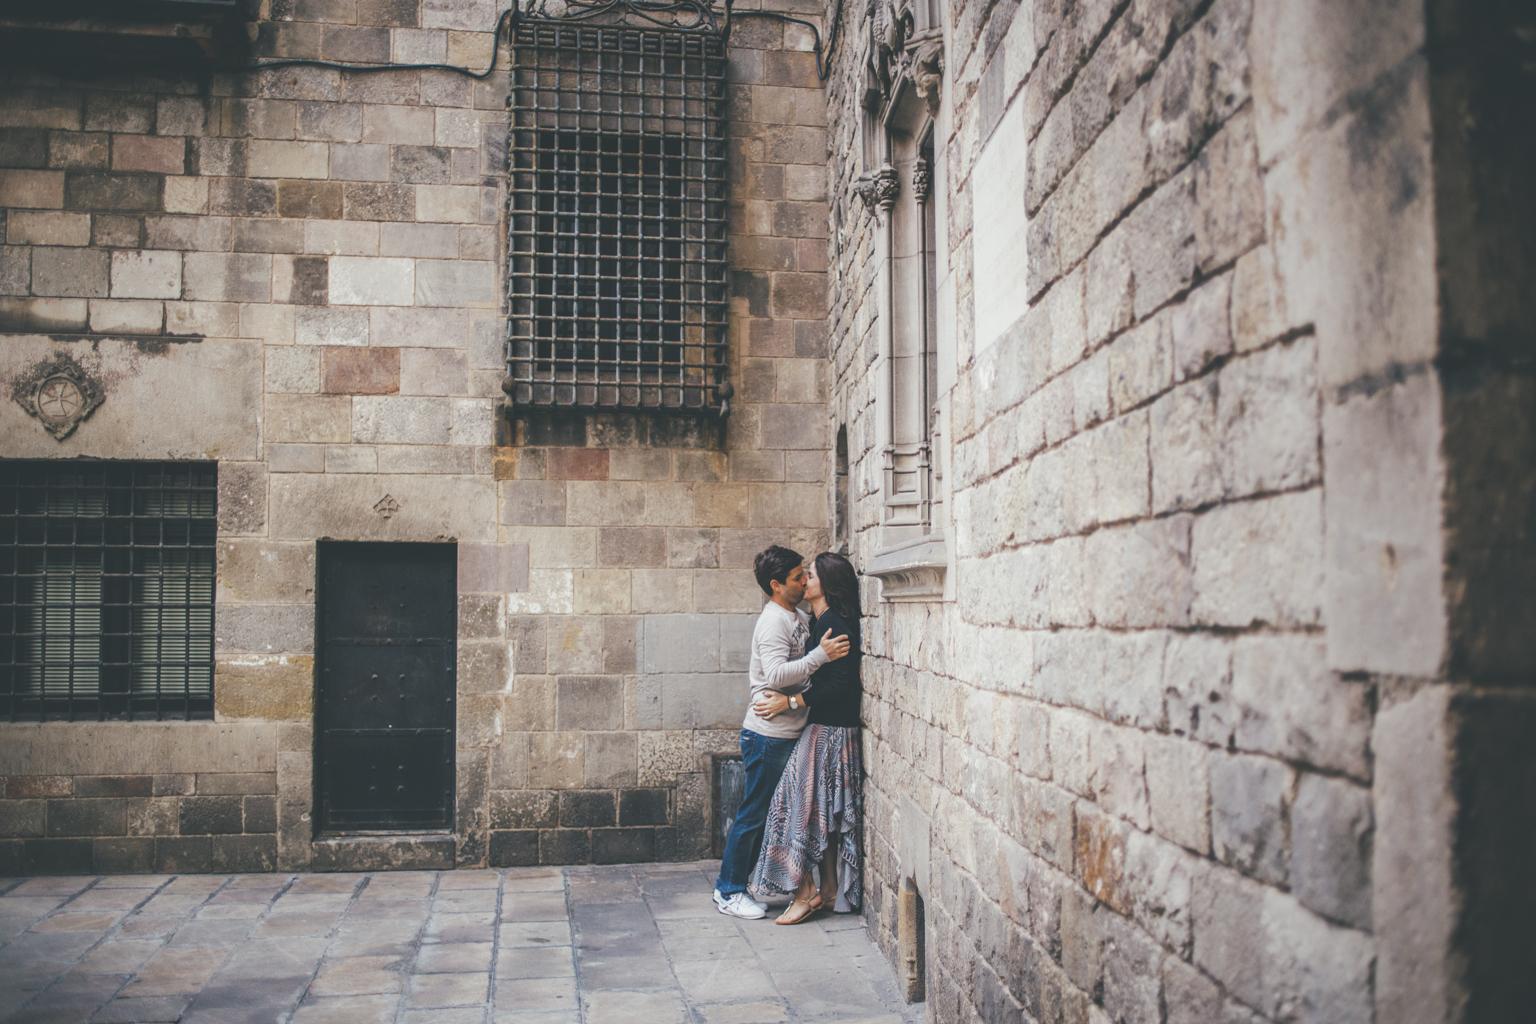 fotografo_pareja_barcelona-7